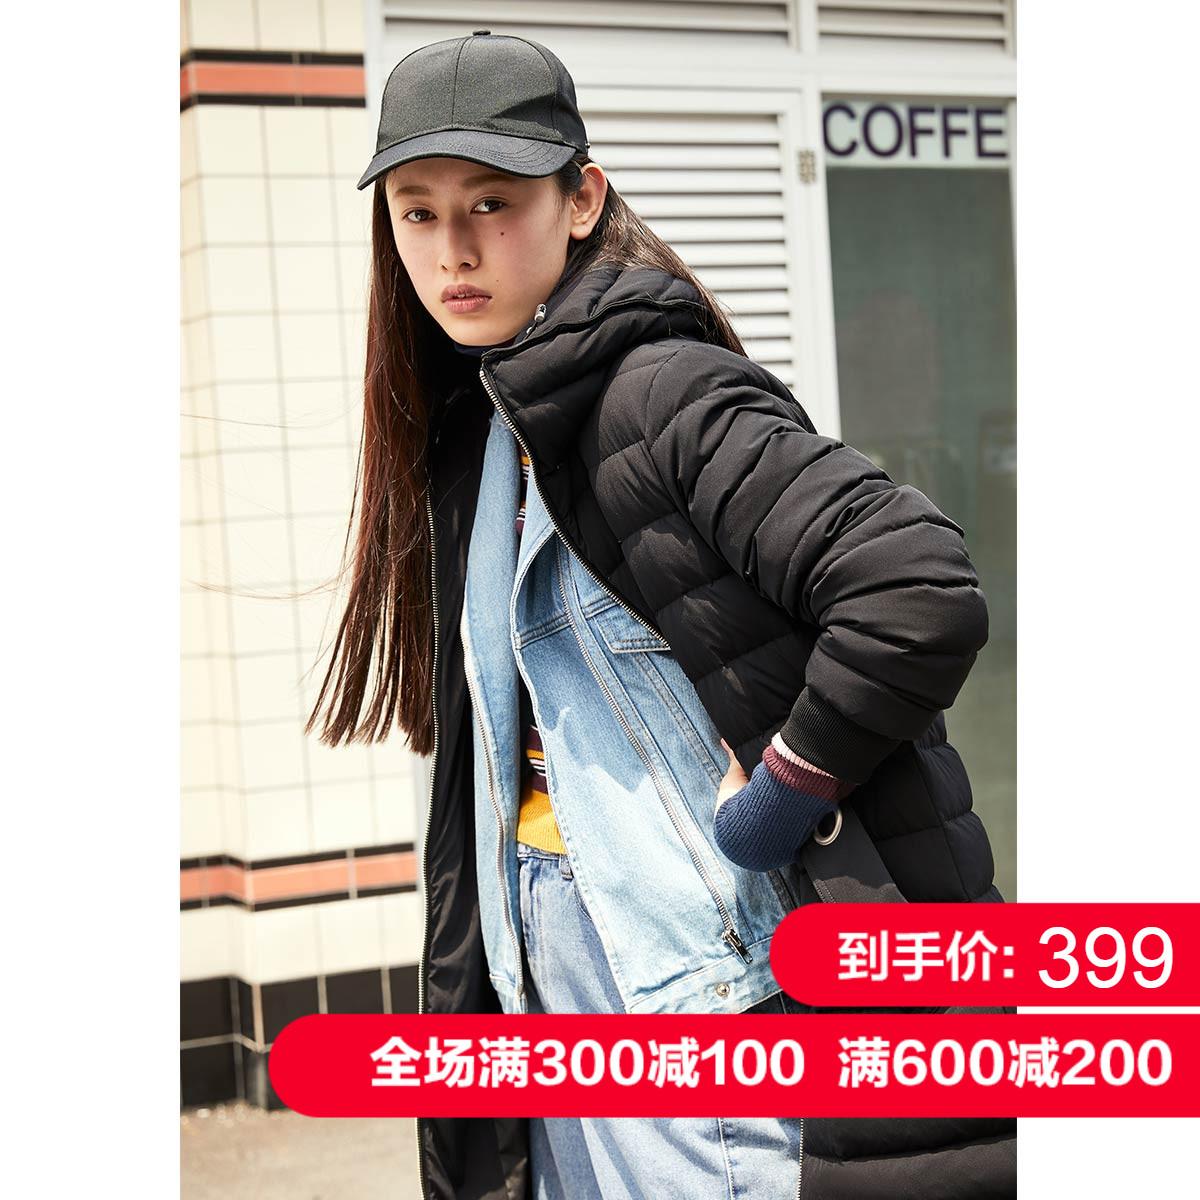 太平鸟女装时尚轻薄羽绒服2018冬装新款黑色中长款外套拉链上衣女